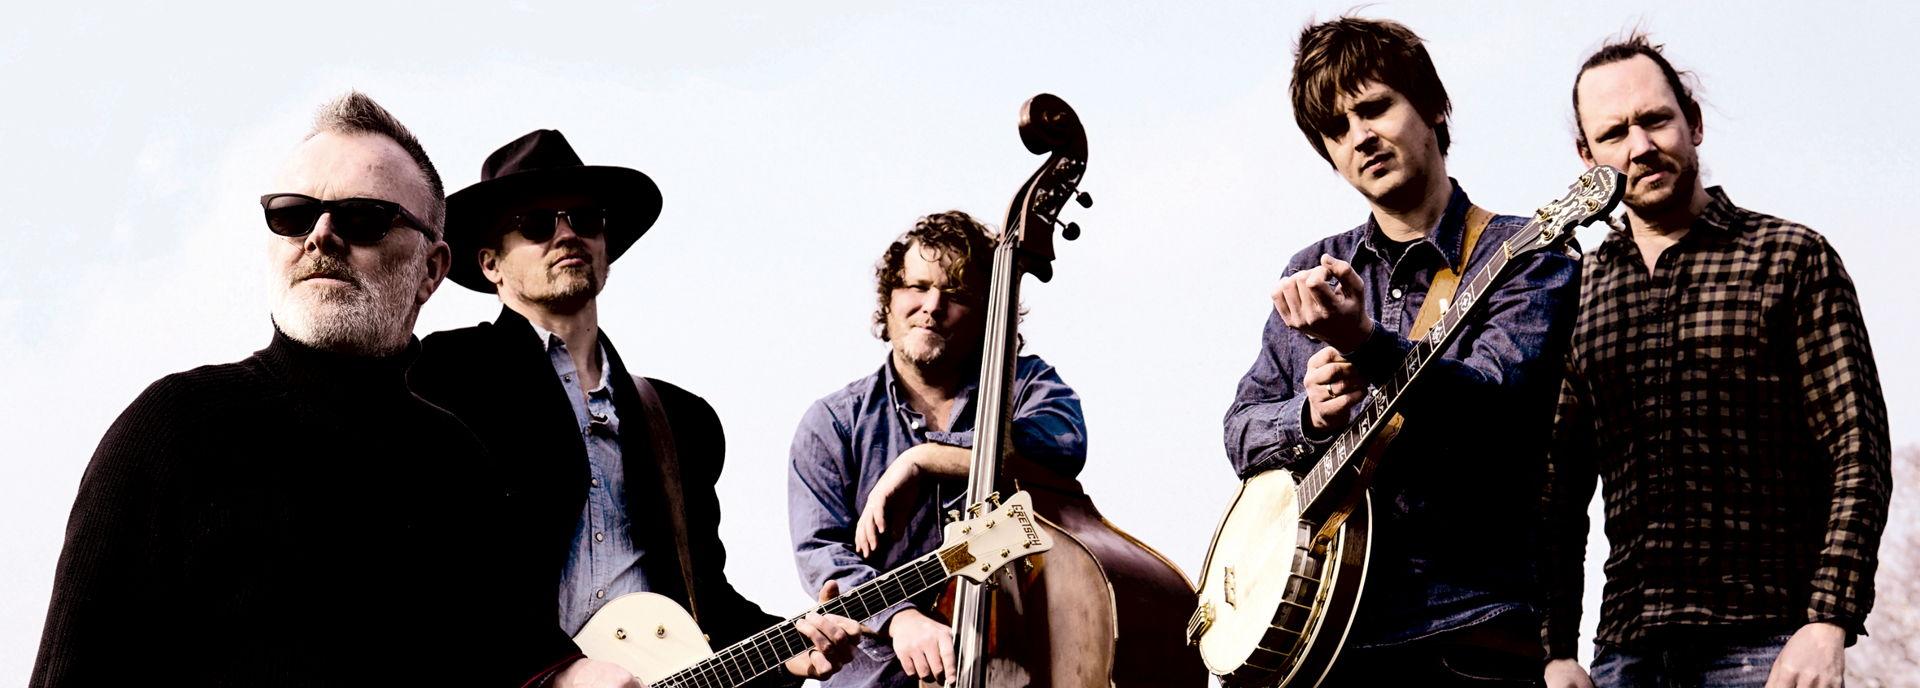 De topmuzikanten van Her Majesty duiken dit keer in de countryrock. De mannen spelen het werk van pioniers als Bob Dylan, Gram Parsons en Gene Clark, van countryhelden als The Band, CCR, Grateful Dead en muziek van eigentijdse artiesten als Wilco en The Jayhawks. Een mooie zoektocht naar de tumultueuze relatie tussen country en rock.